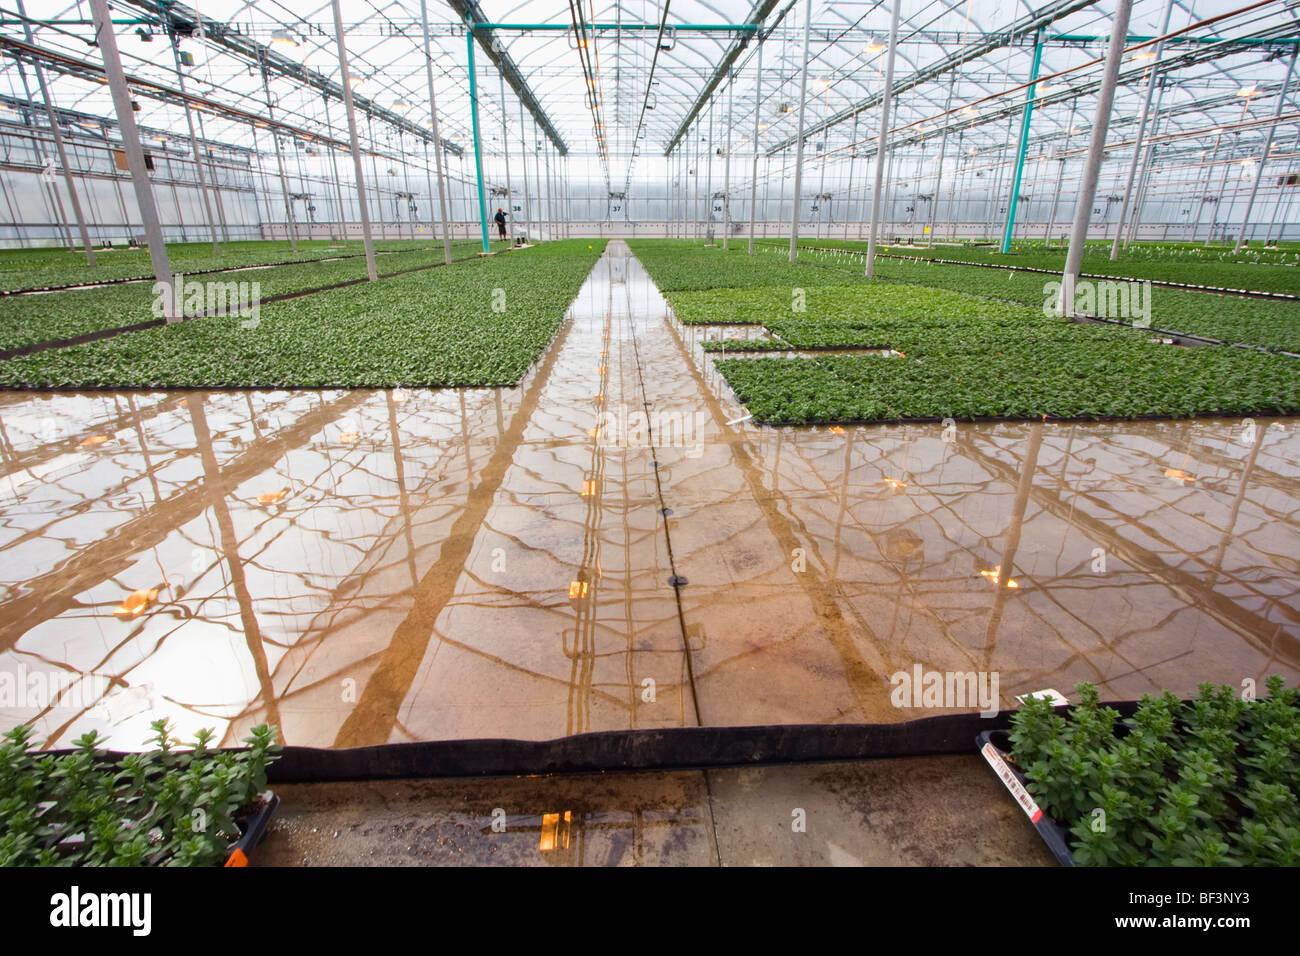 Flut boden bew sserung von wohnungen der fr hen wachstum for Design von zierpflanzen